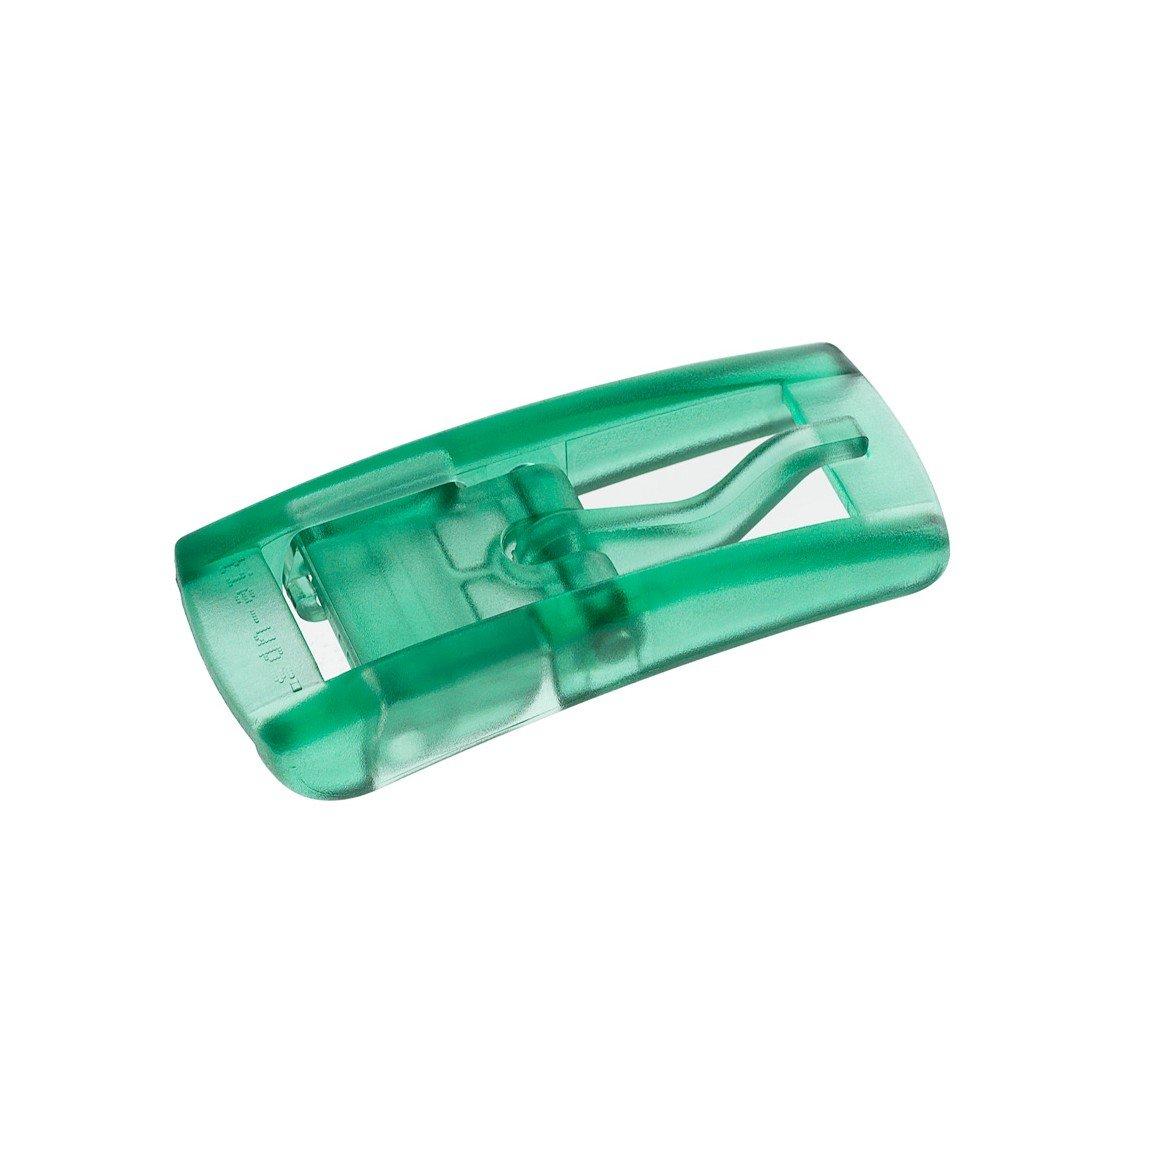 TIE-UPS Fibbie unisex in plastica colorata modello SLIM adatte esclusivamente per le cinture della SERIE SLIM MATLEY SRL